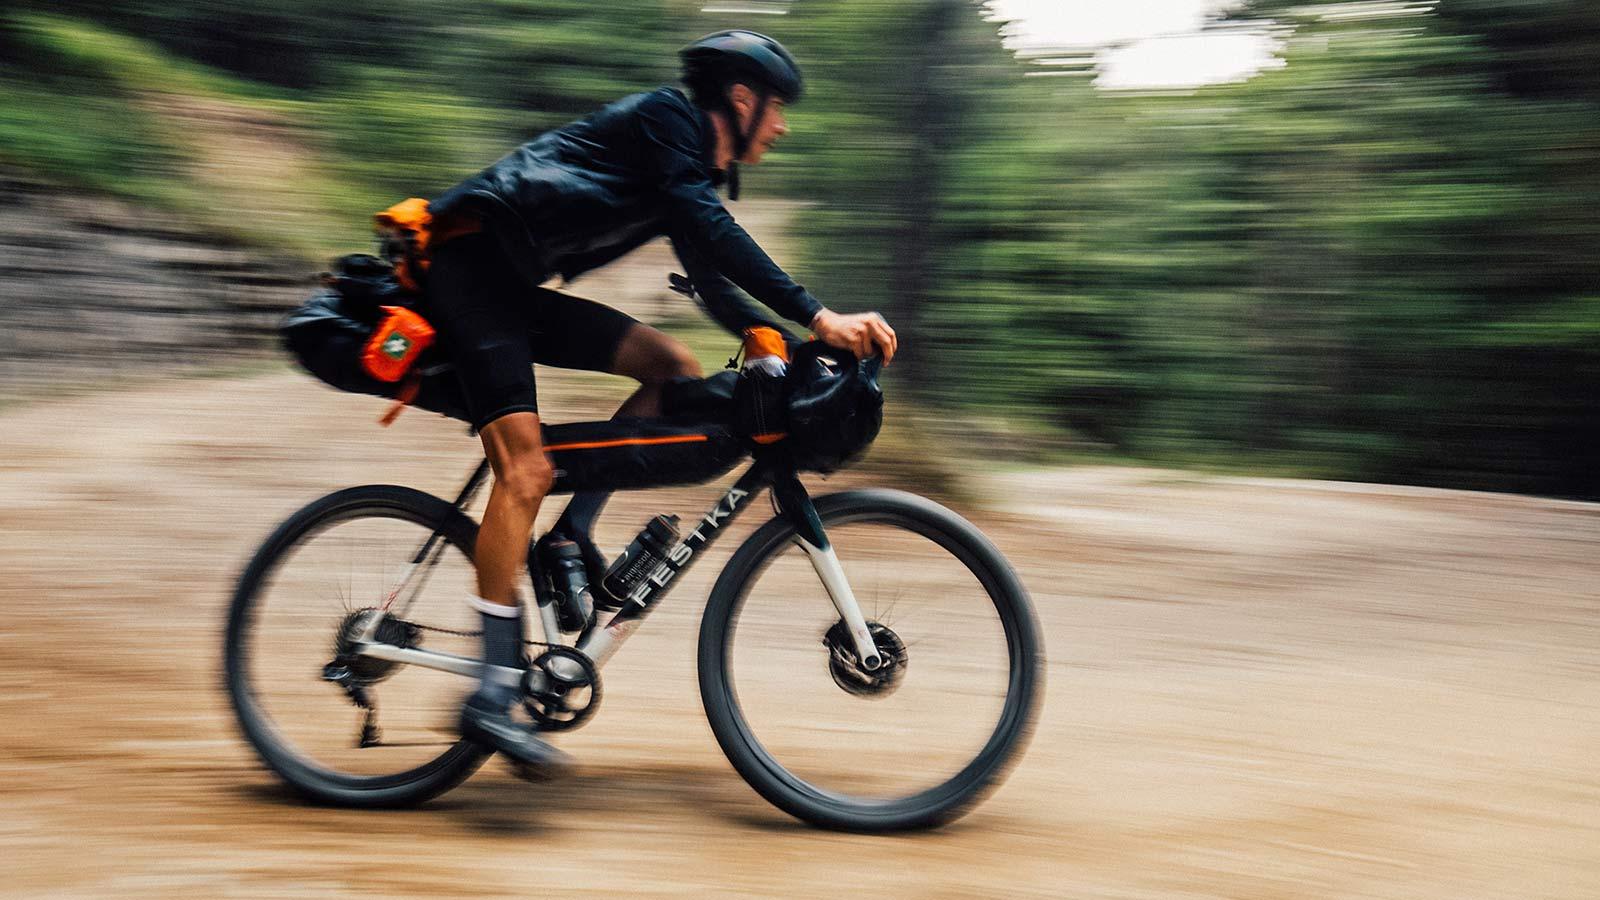 Festka Scout custom carbon adventure gravel bike,fast gravel adventure